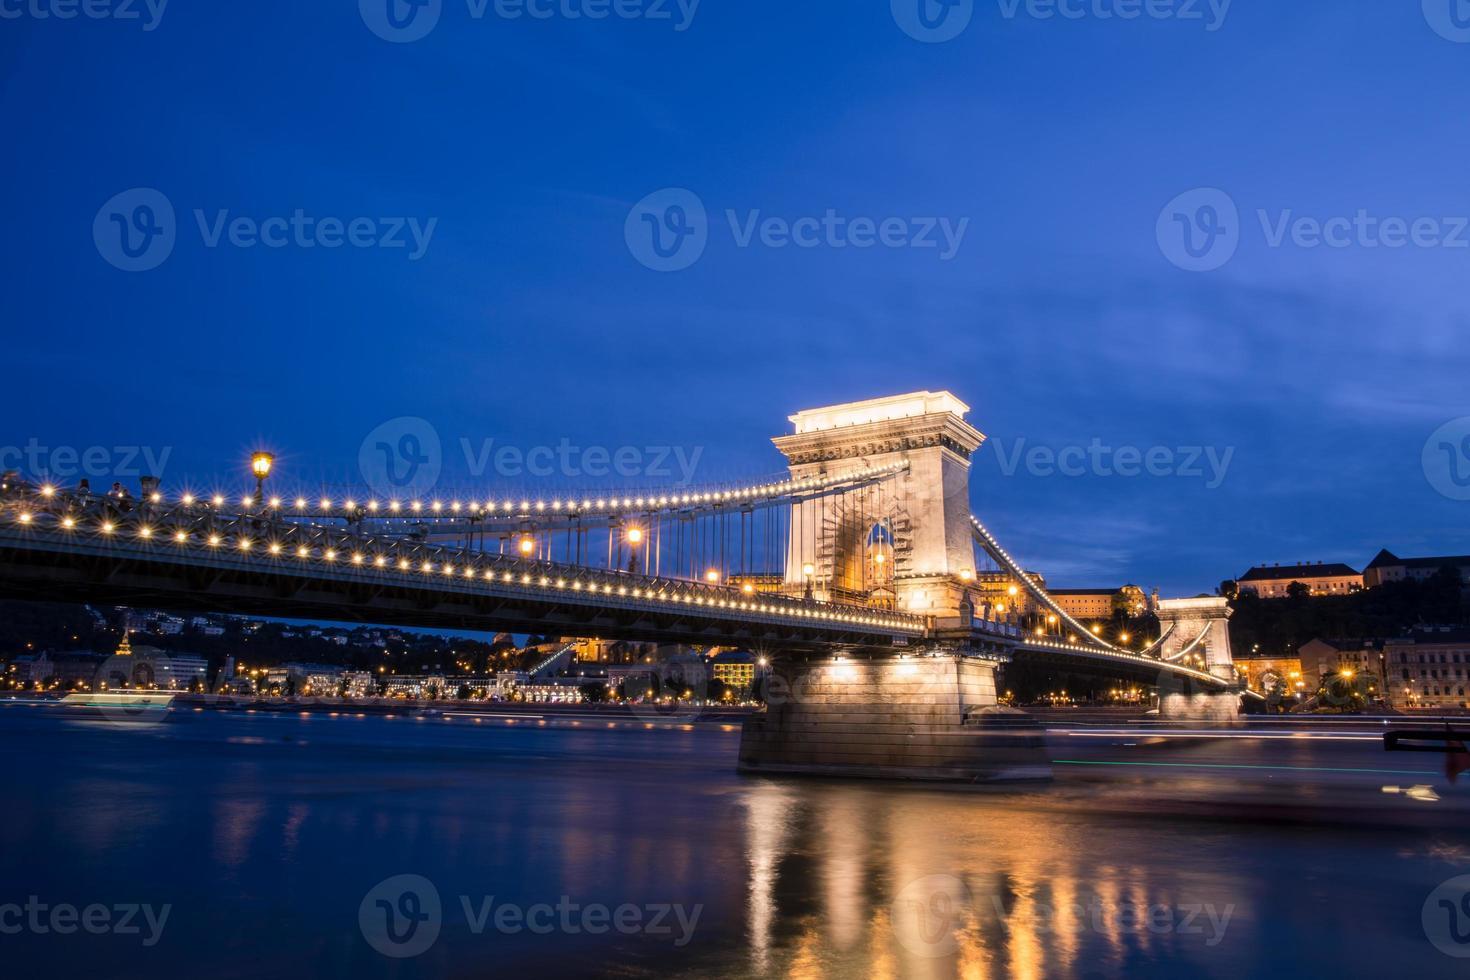 hitos húngaros en el danubio foto